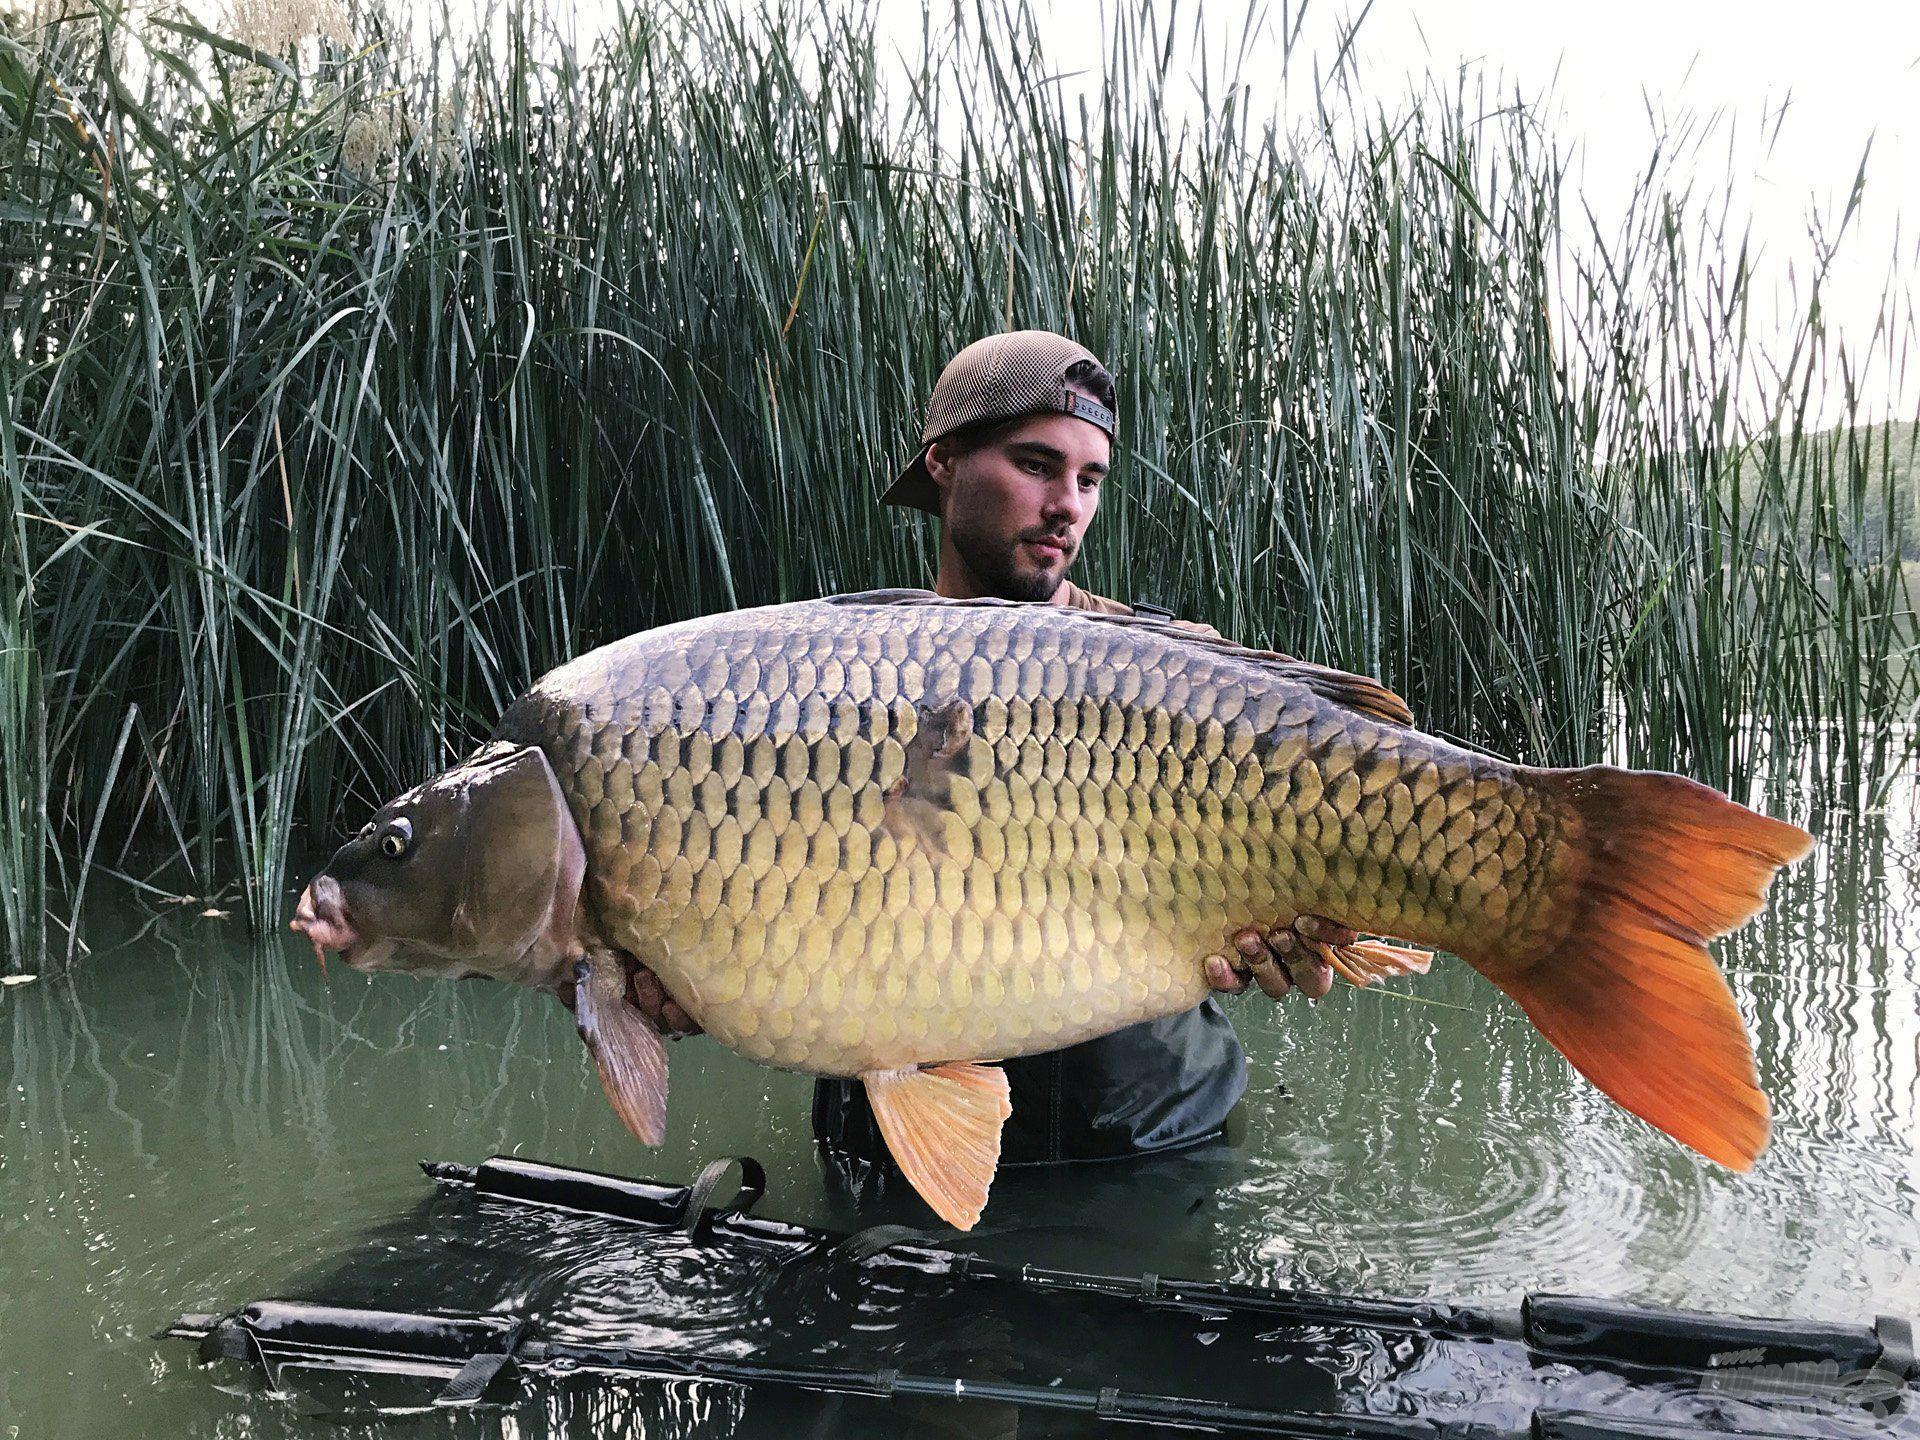 A második nap sem telt el 20+-os hal nélkül, itt egy 24,52-kg harcost tarthatok a kezeimben